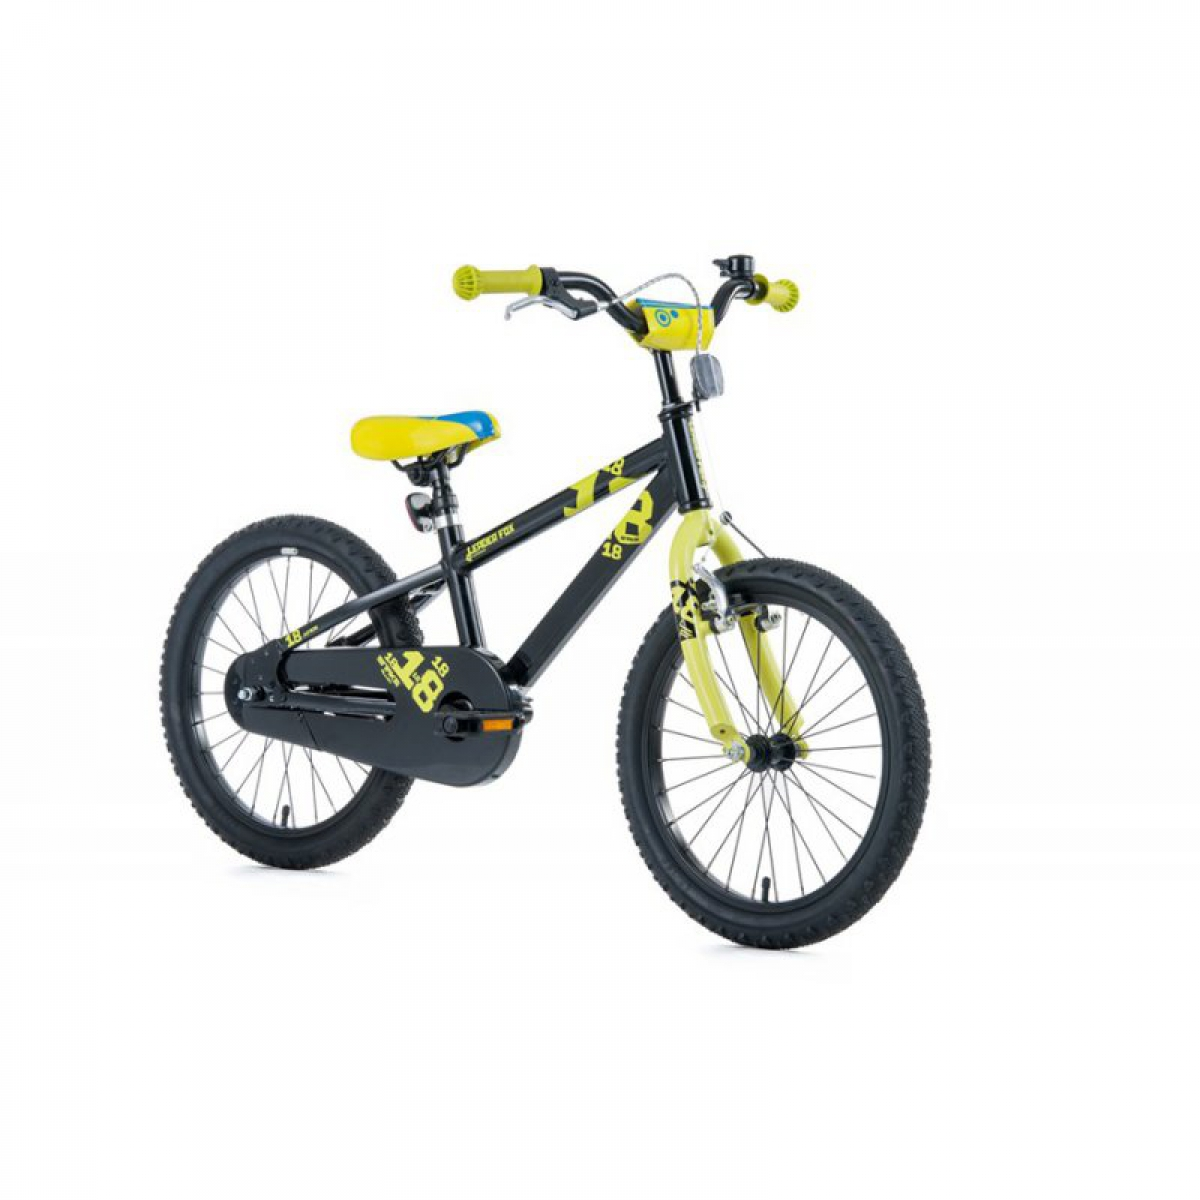 18 zoll aluminium fahrrad leader fox kinderrad snake boy mtb black schwarz ihr fahrrad online. Black Bedroom Furniture Sets. Home Design Ideas